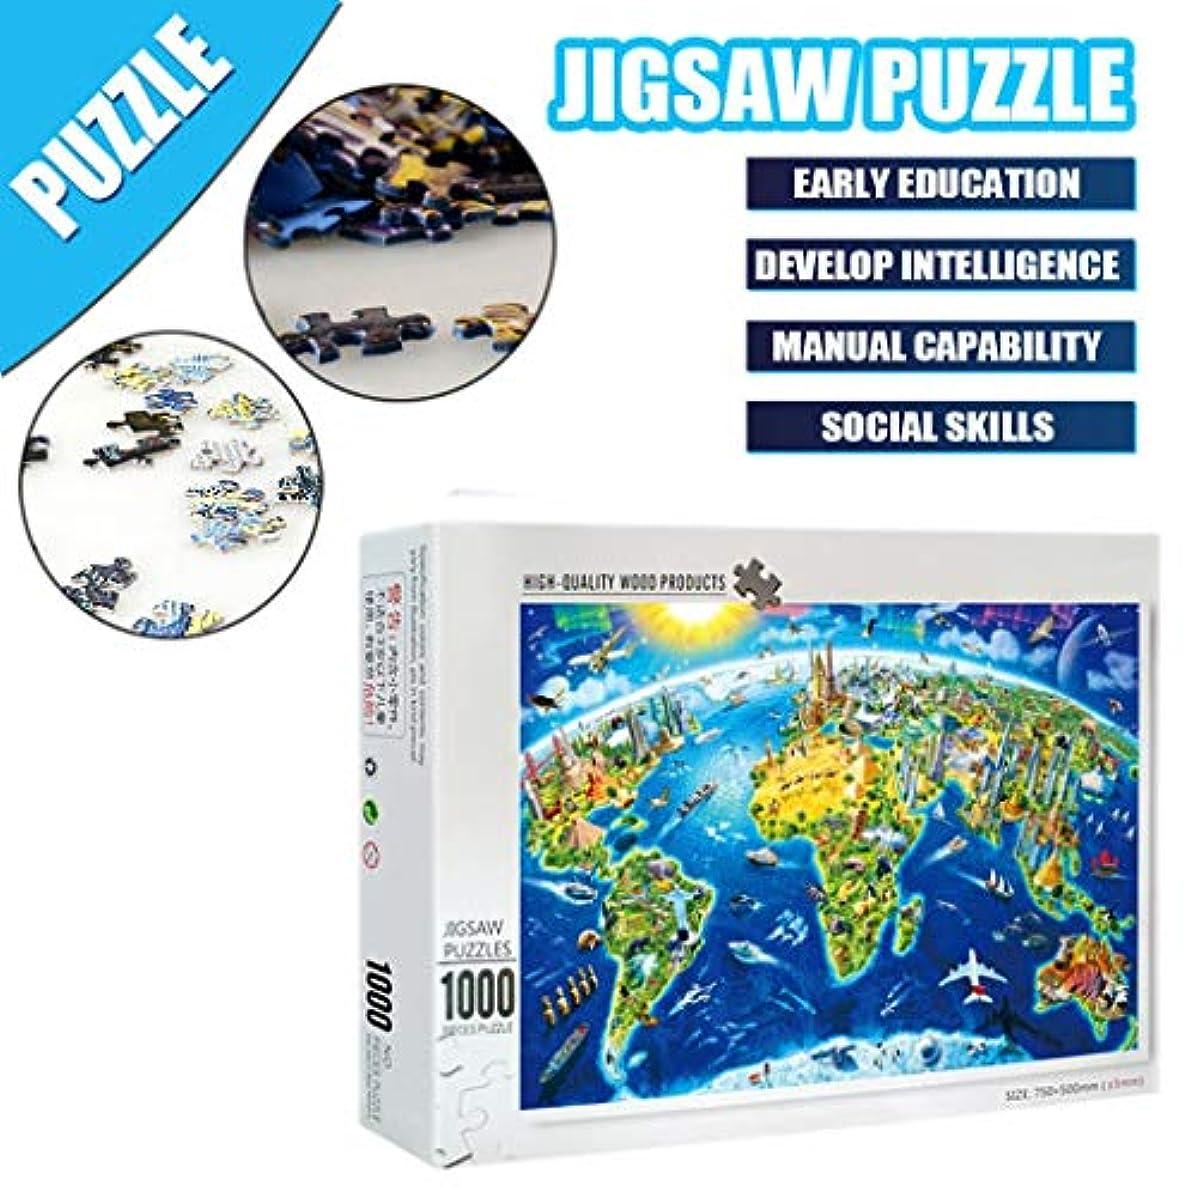 一緒拒絶する推測Masinalt パズル 1000ピース 世界地図 ファンタジー きれいめ 組み立て 大人 子供 初心者 達人 シンプル おもちゃ ジグソーパズル プレゼント 友達 家族 記念日 誕生日 75x50 cm